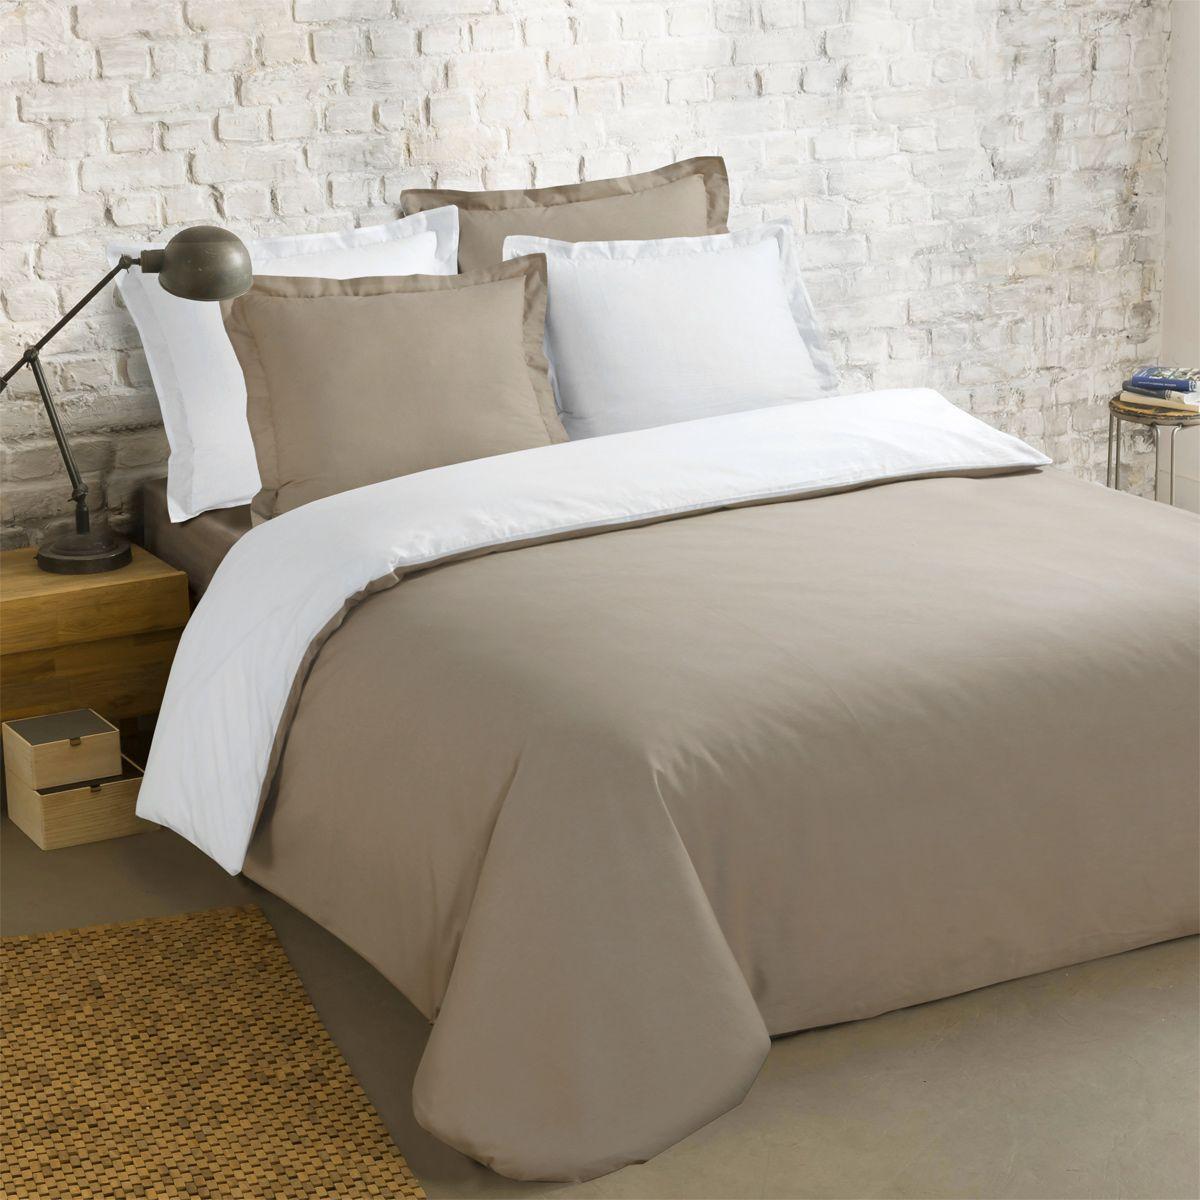 housse de couette et deux taies 200 cm bi color taupe et blanc housse de couette eminza. Black Bedroom Furniture Sets. Home Design Ideas